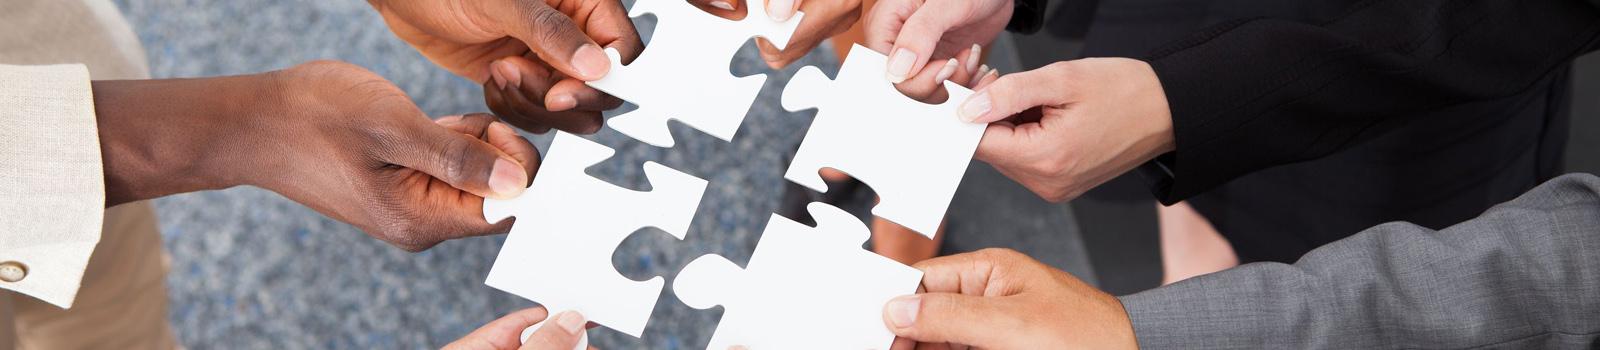 image coaching codéveloppement - Pépites conseil - Christine Desseaux - Lille Métropole